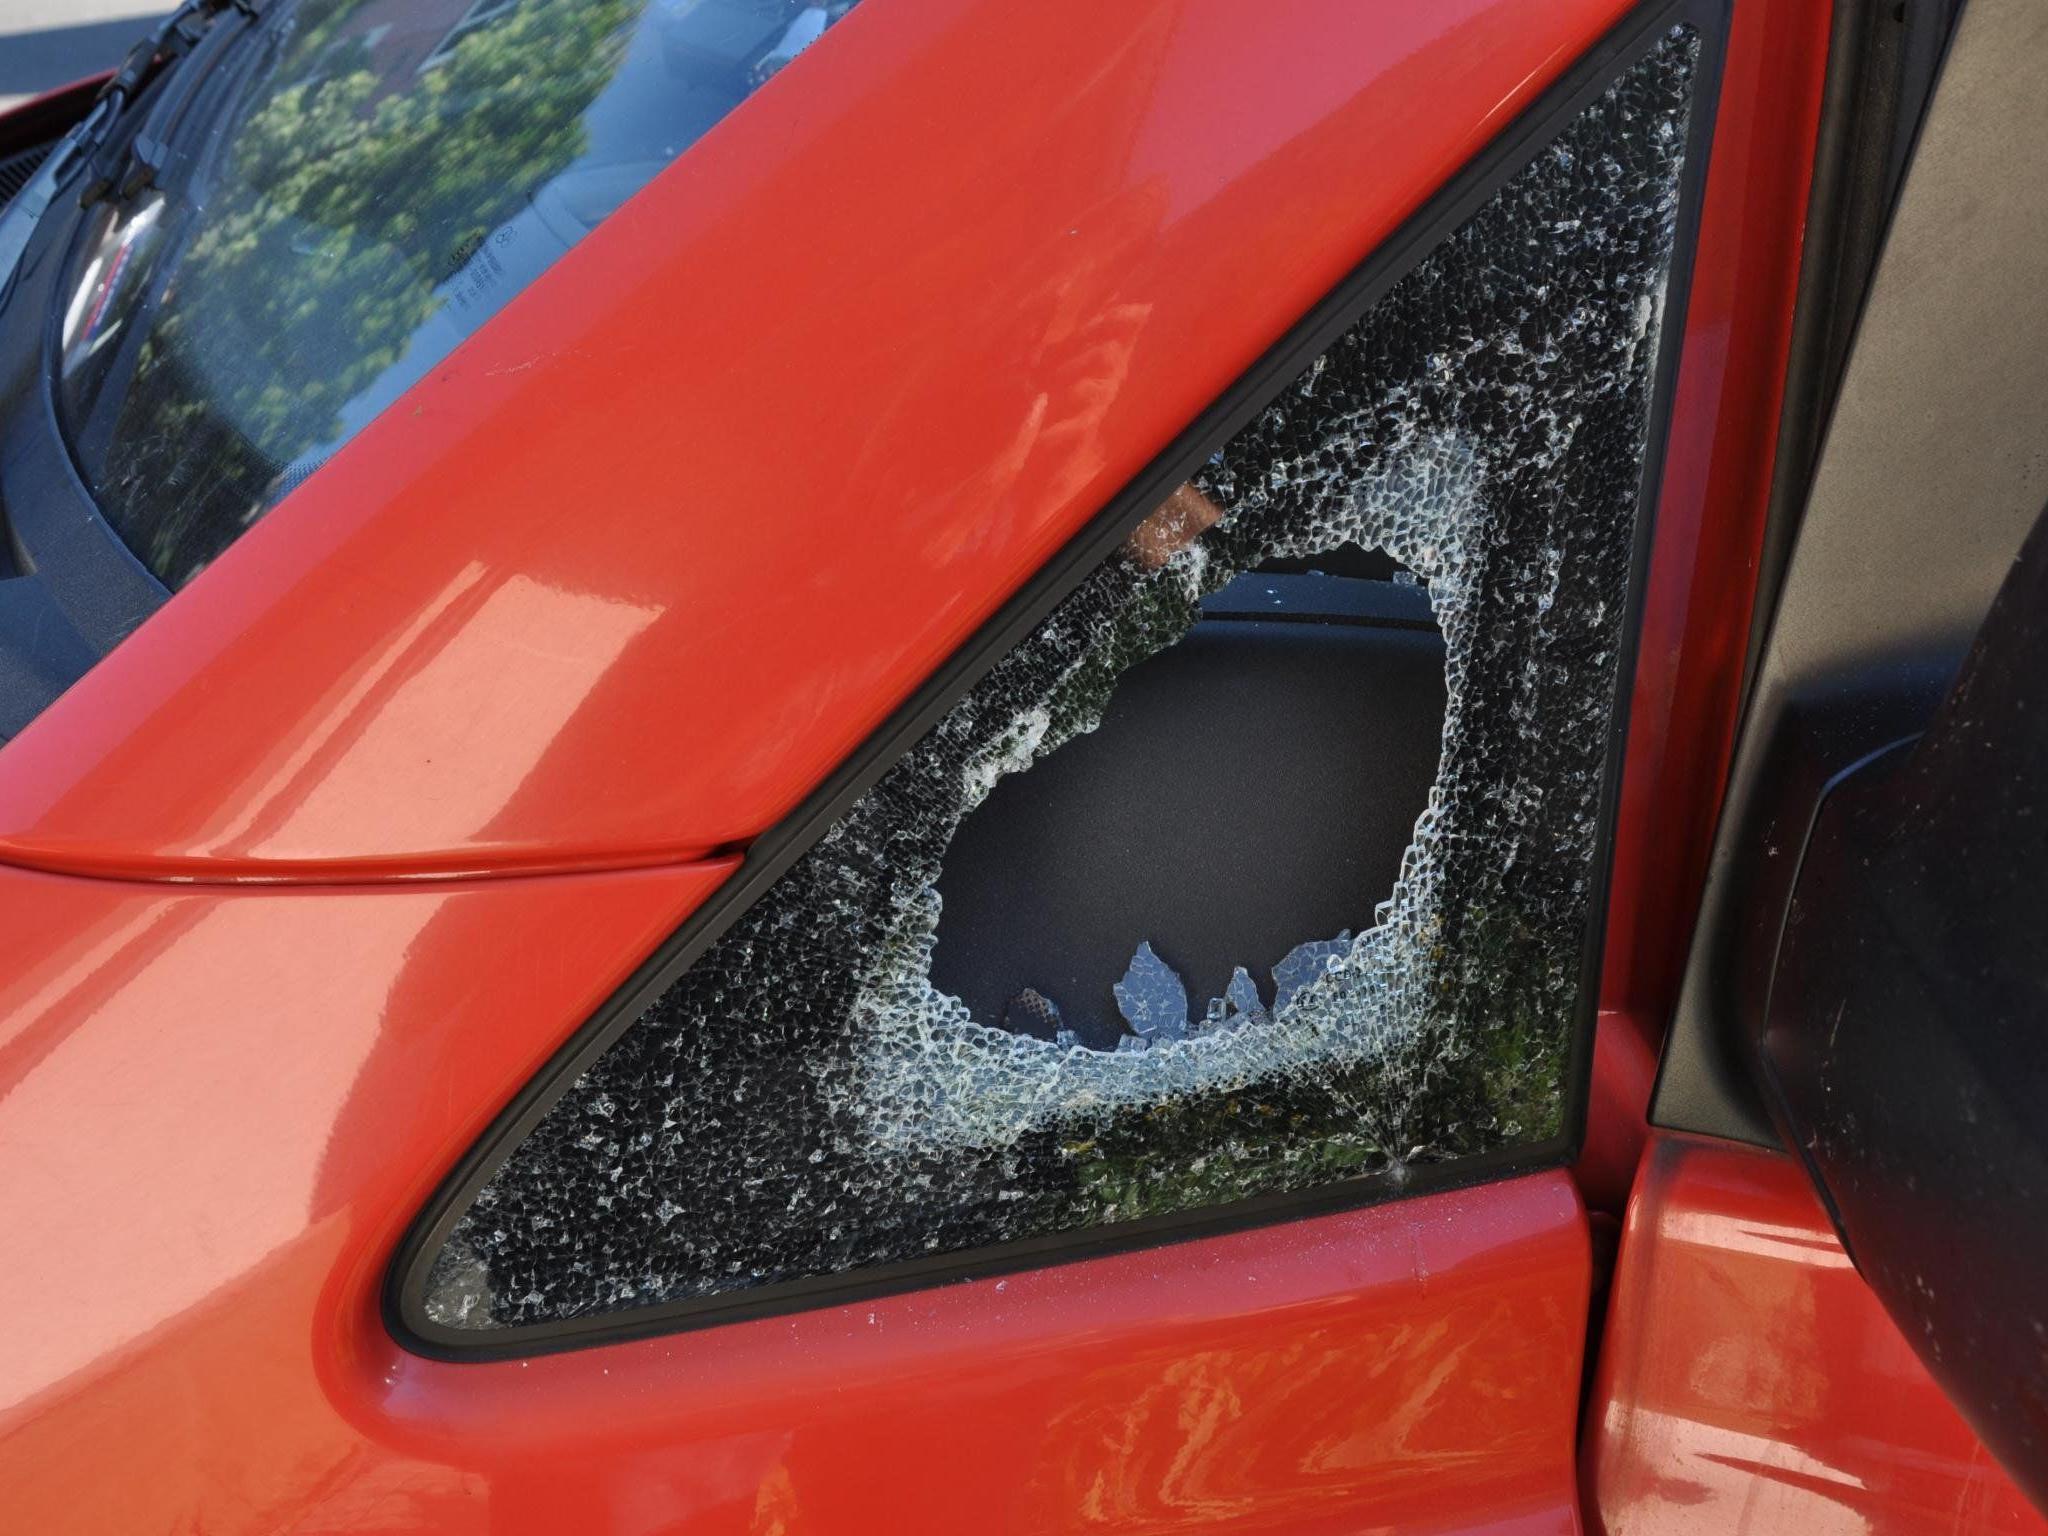 Die Täter verschaffen sich über Seitenfenster Zugang zu den Autos.